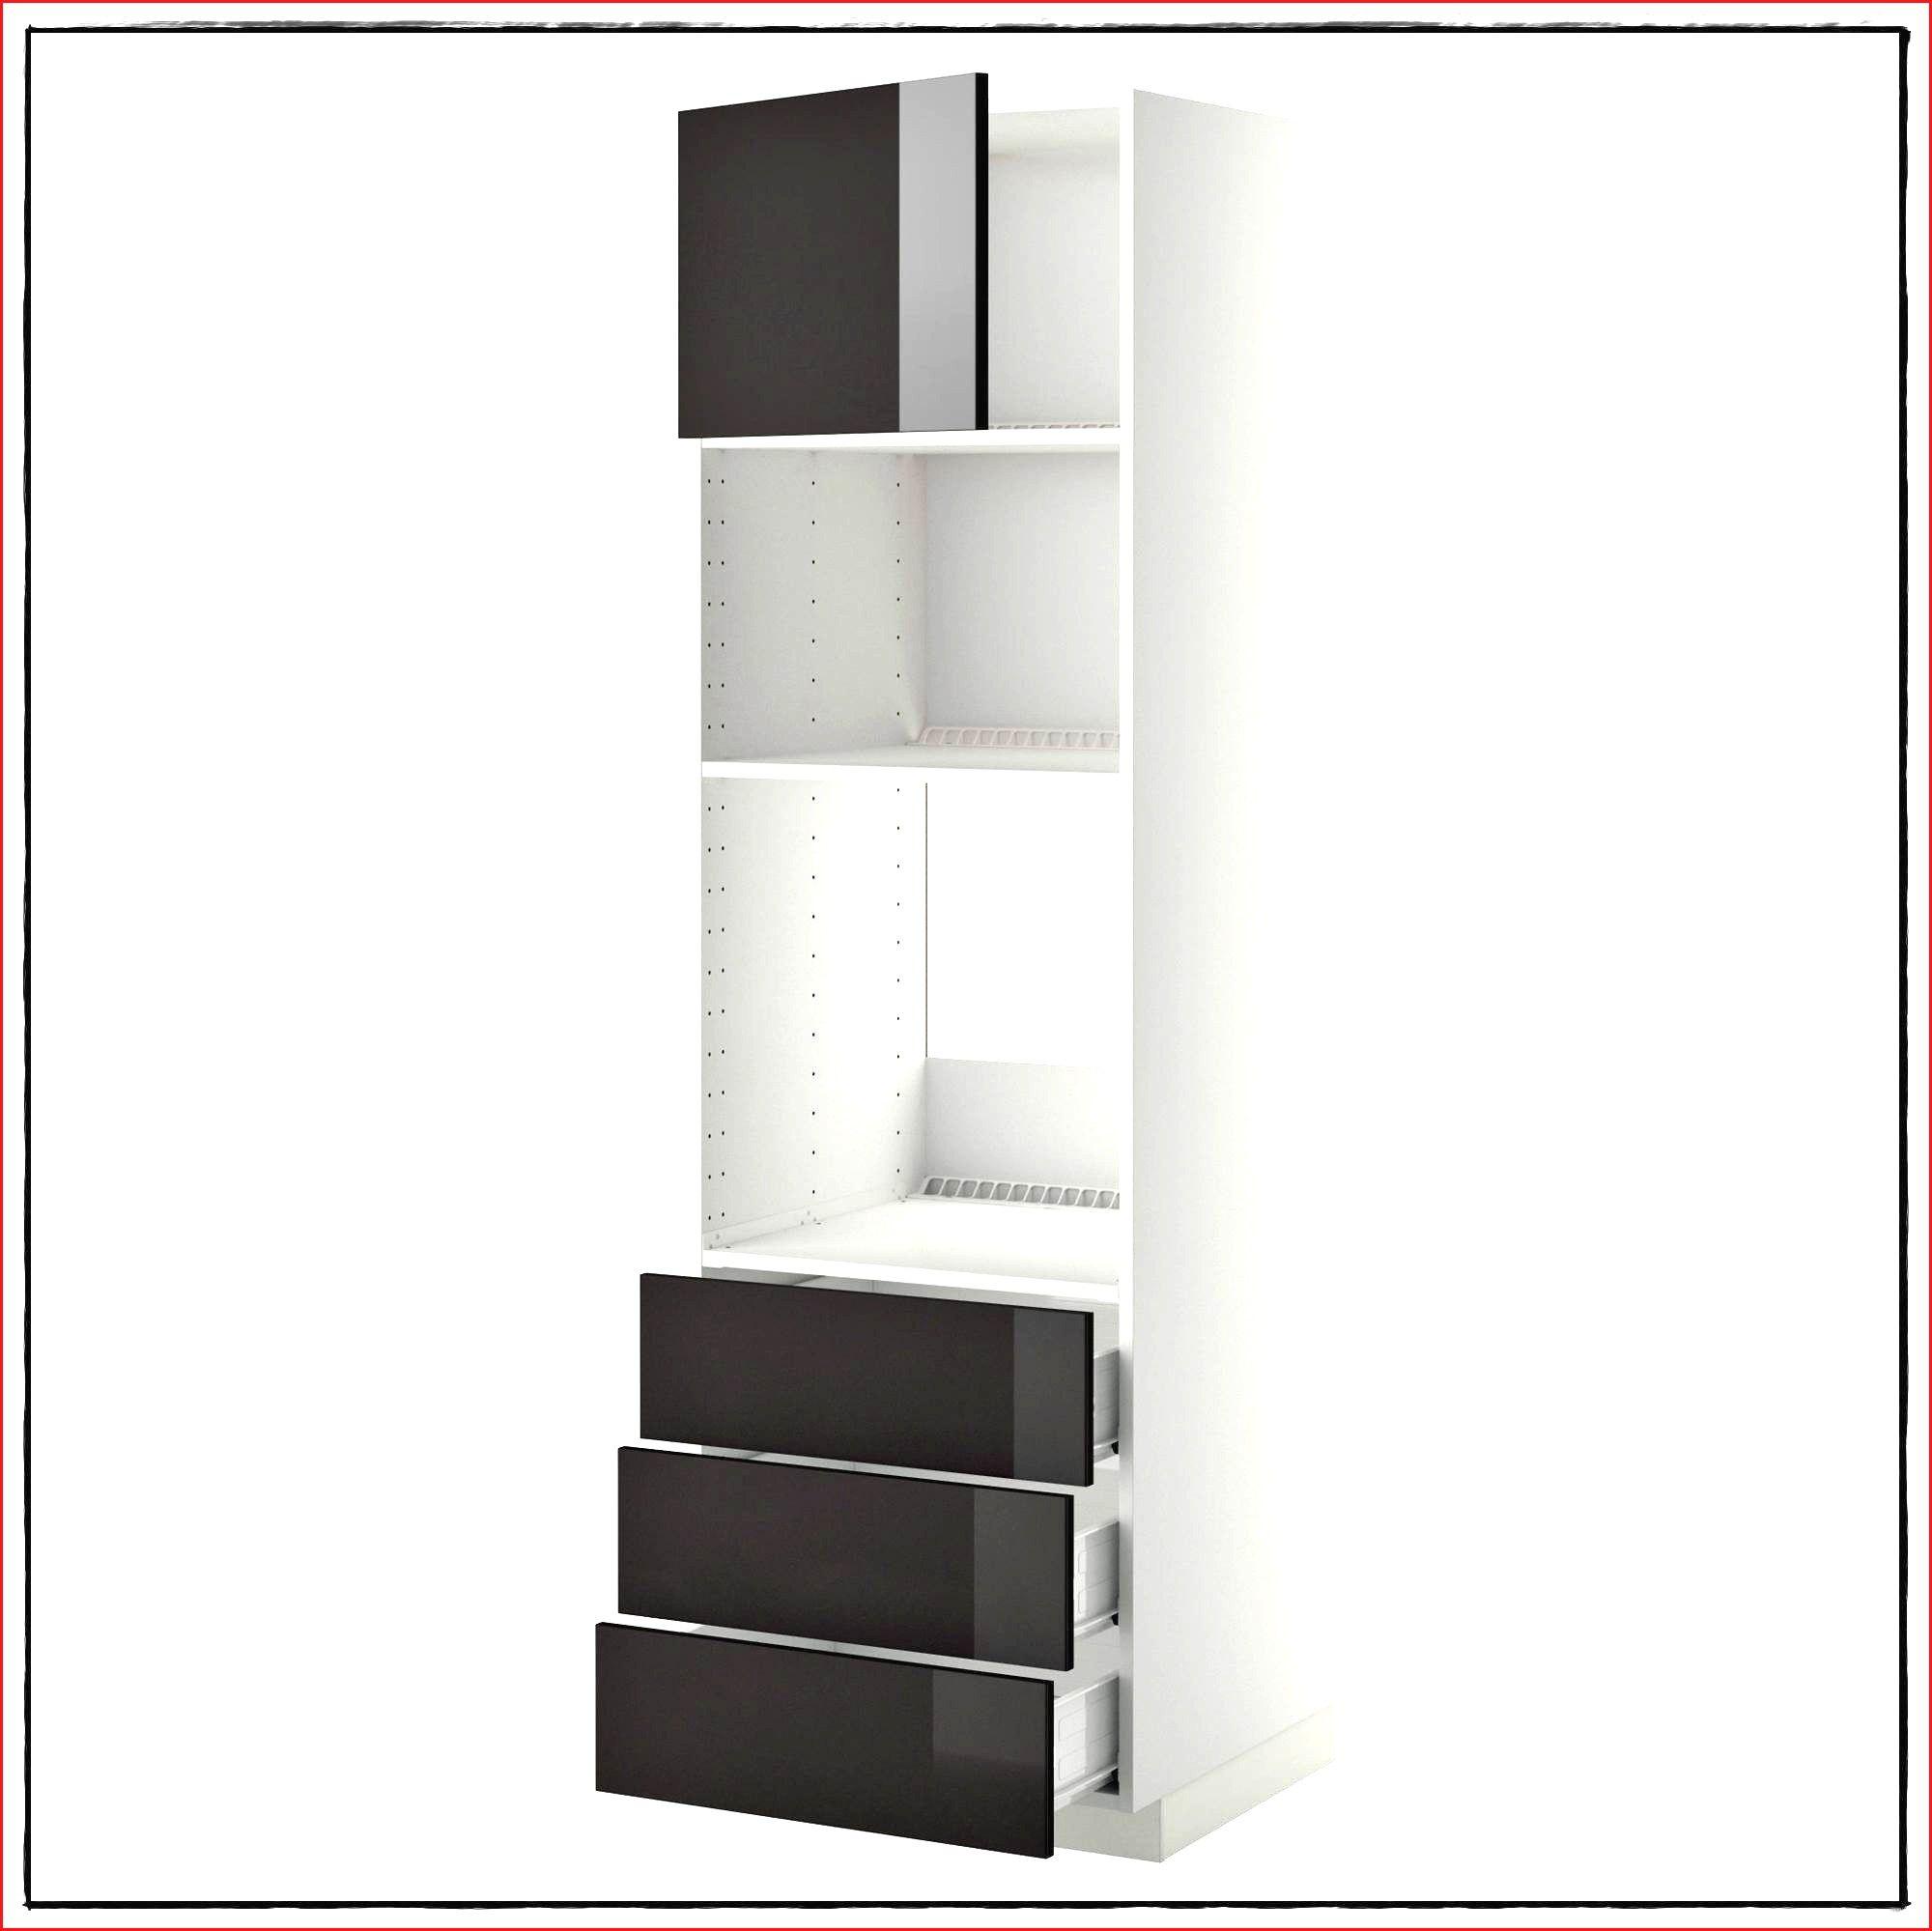 Armoire En Tissus | Wohn design, Ikea, Wohnen